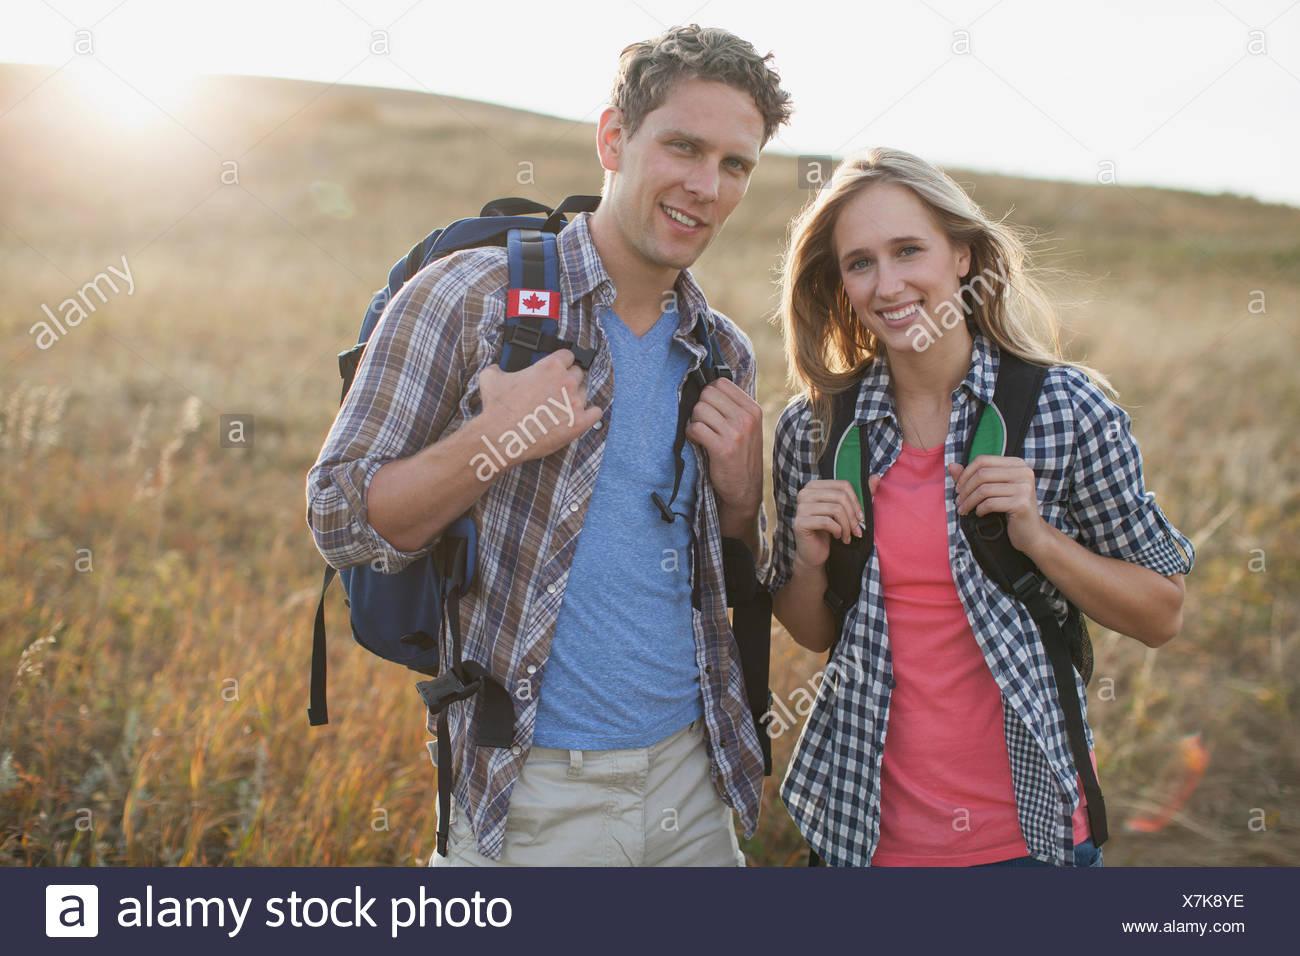 Beau couple avec des sacs à dos dans le champ. Photo Stock